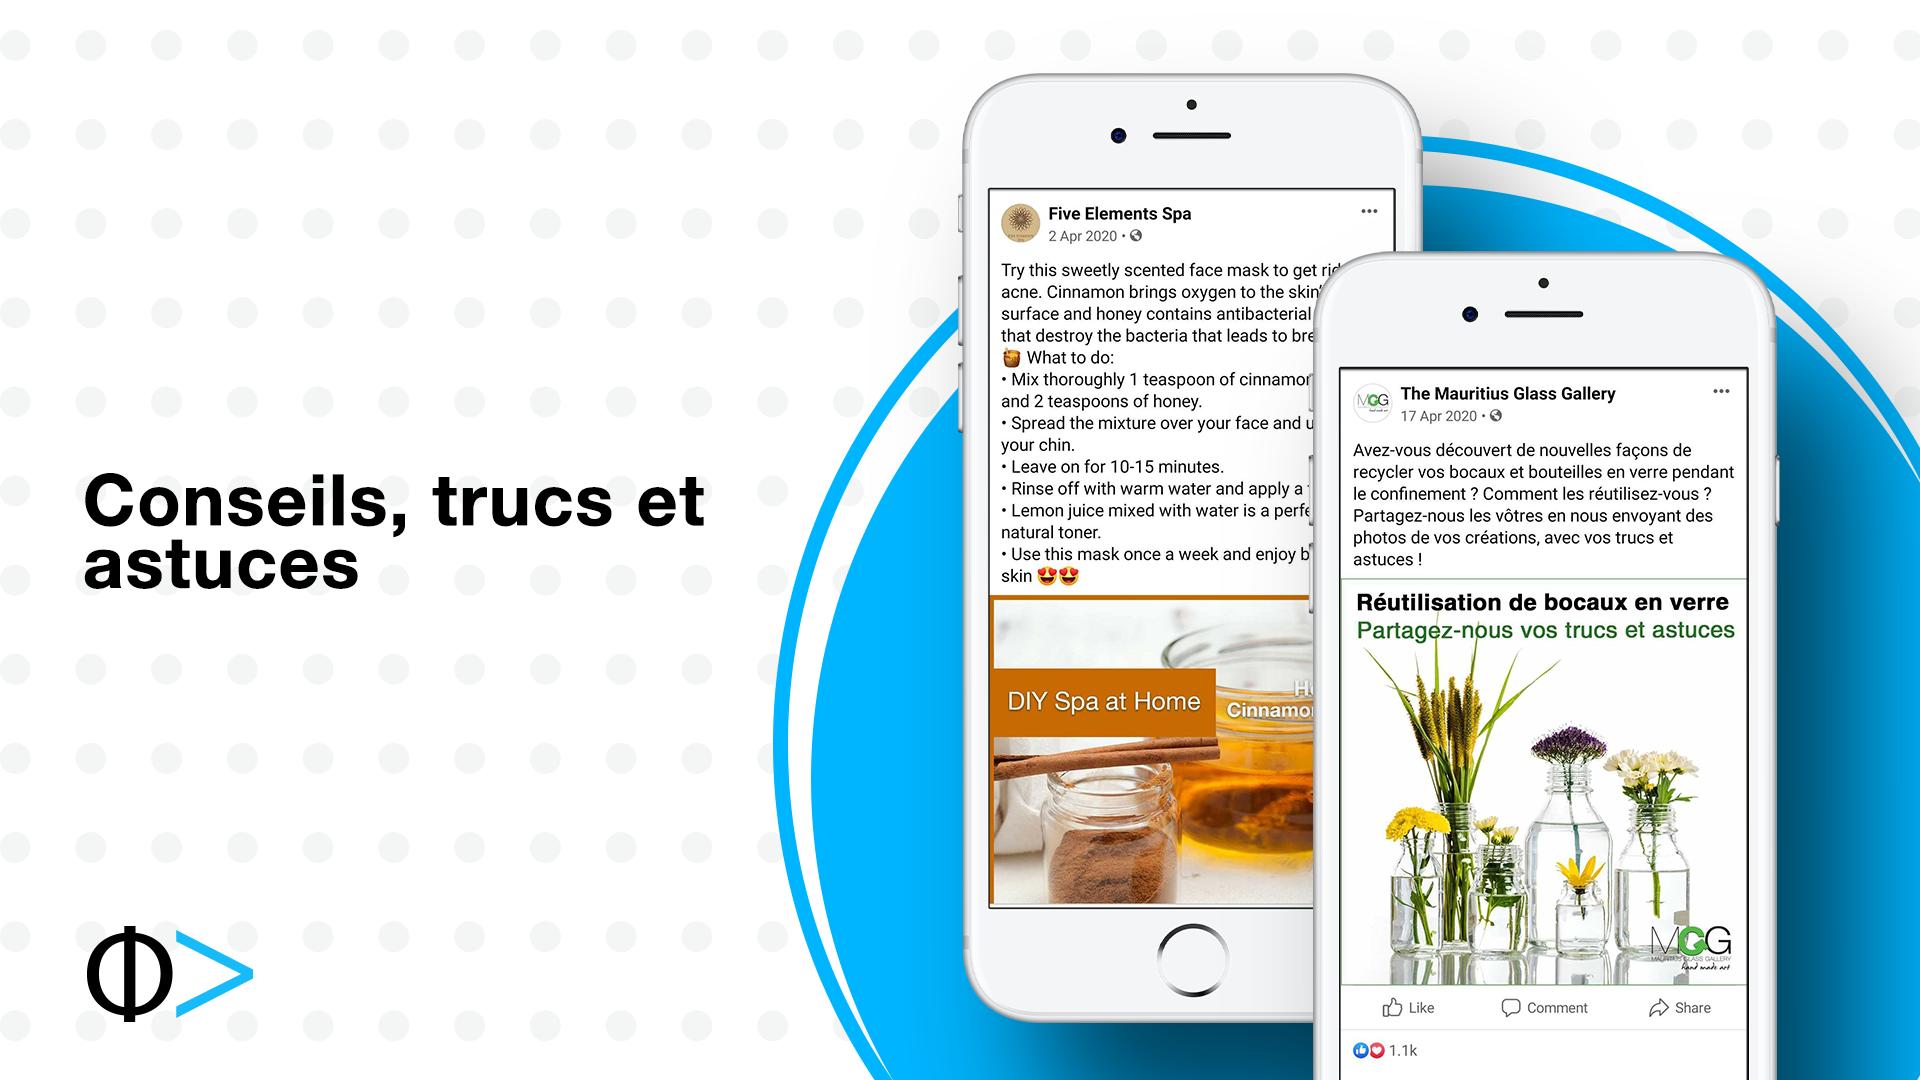 6_conseils trucs et astuces_Blog_template.png